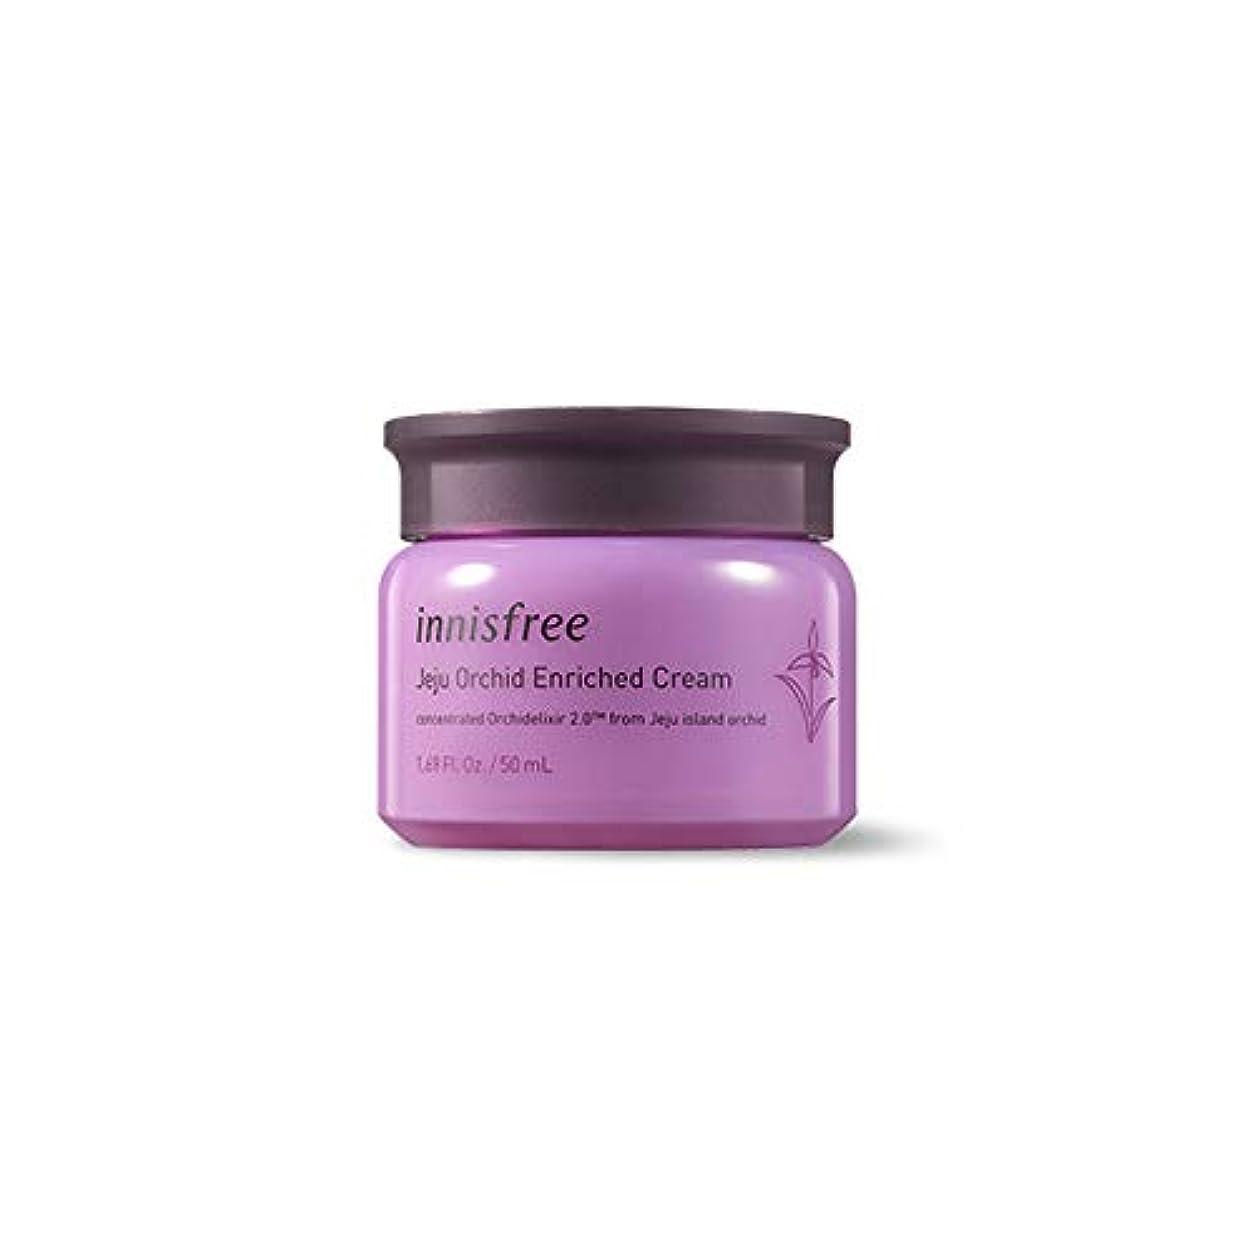 イニスフリー Innisfree 済州寒蘭エンリッチッド クリーム(50ml) Innisfree Orchid Enriched Cream(50ml) [海外直送品]